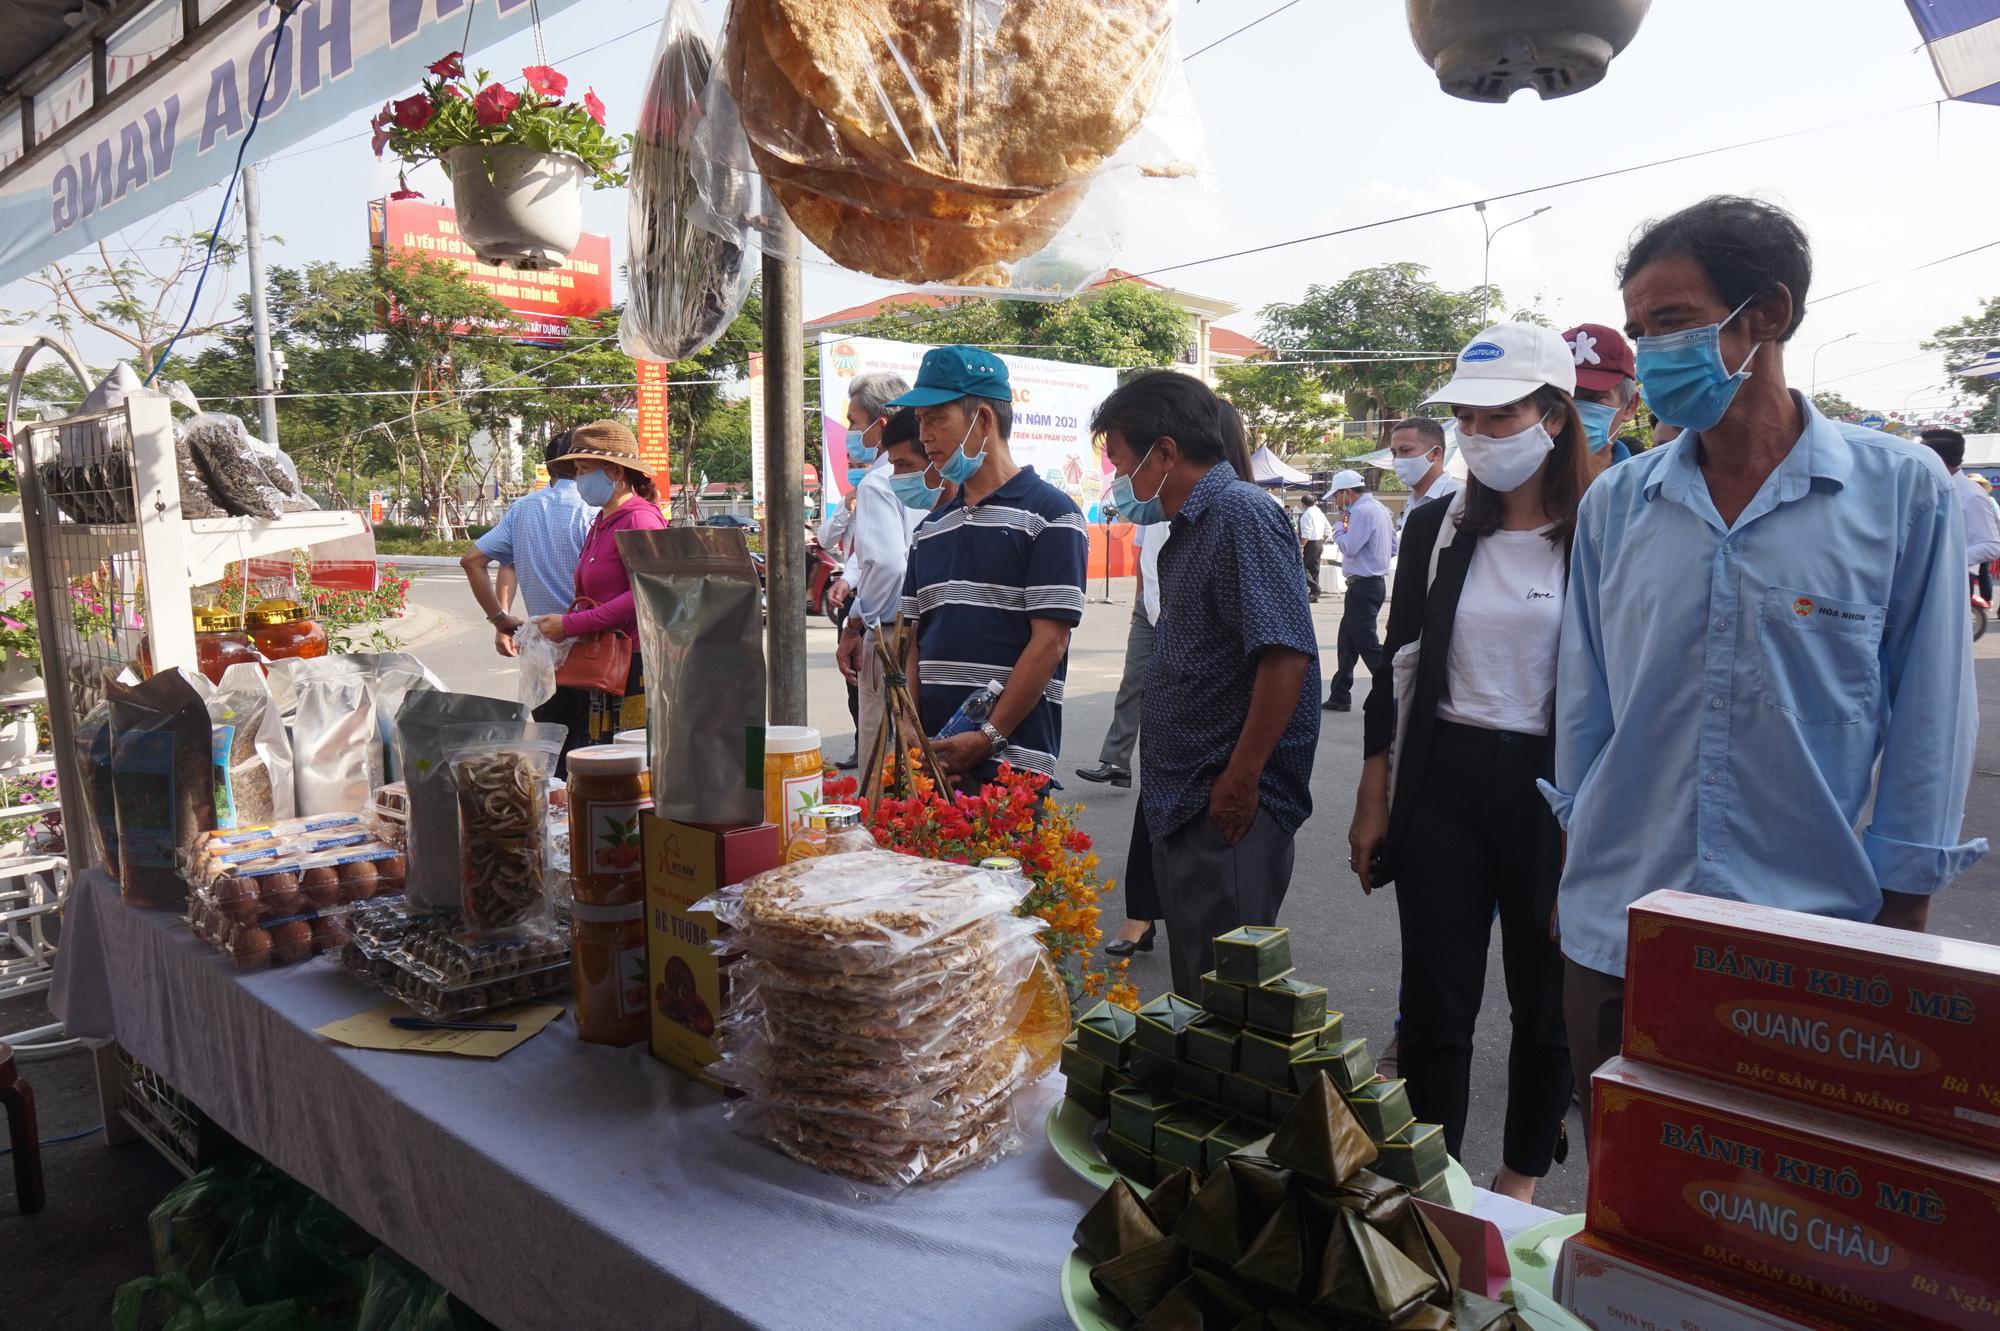 Đà Nẵng: Sản phẩm OCOP, rau sạch hút hàng tại Phiên sợ nông sản - Ảnh 3.